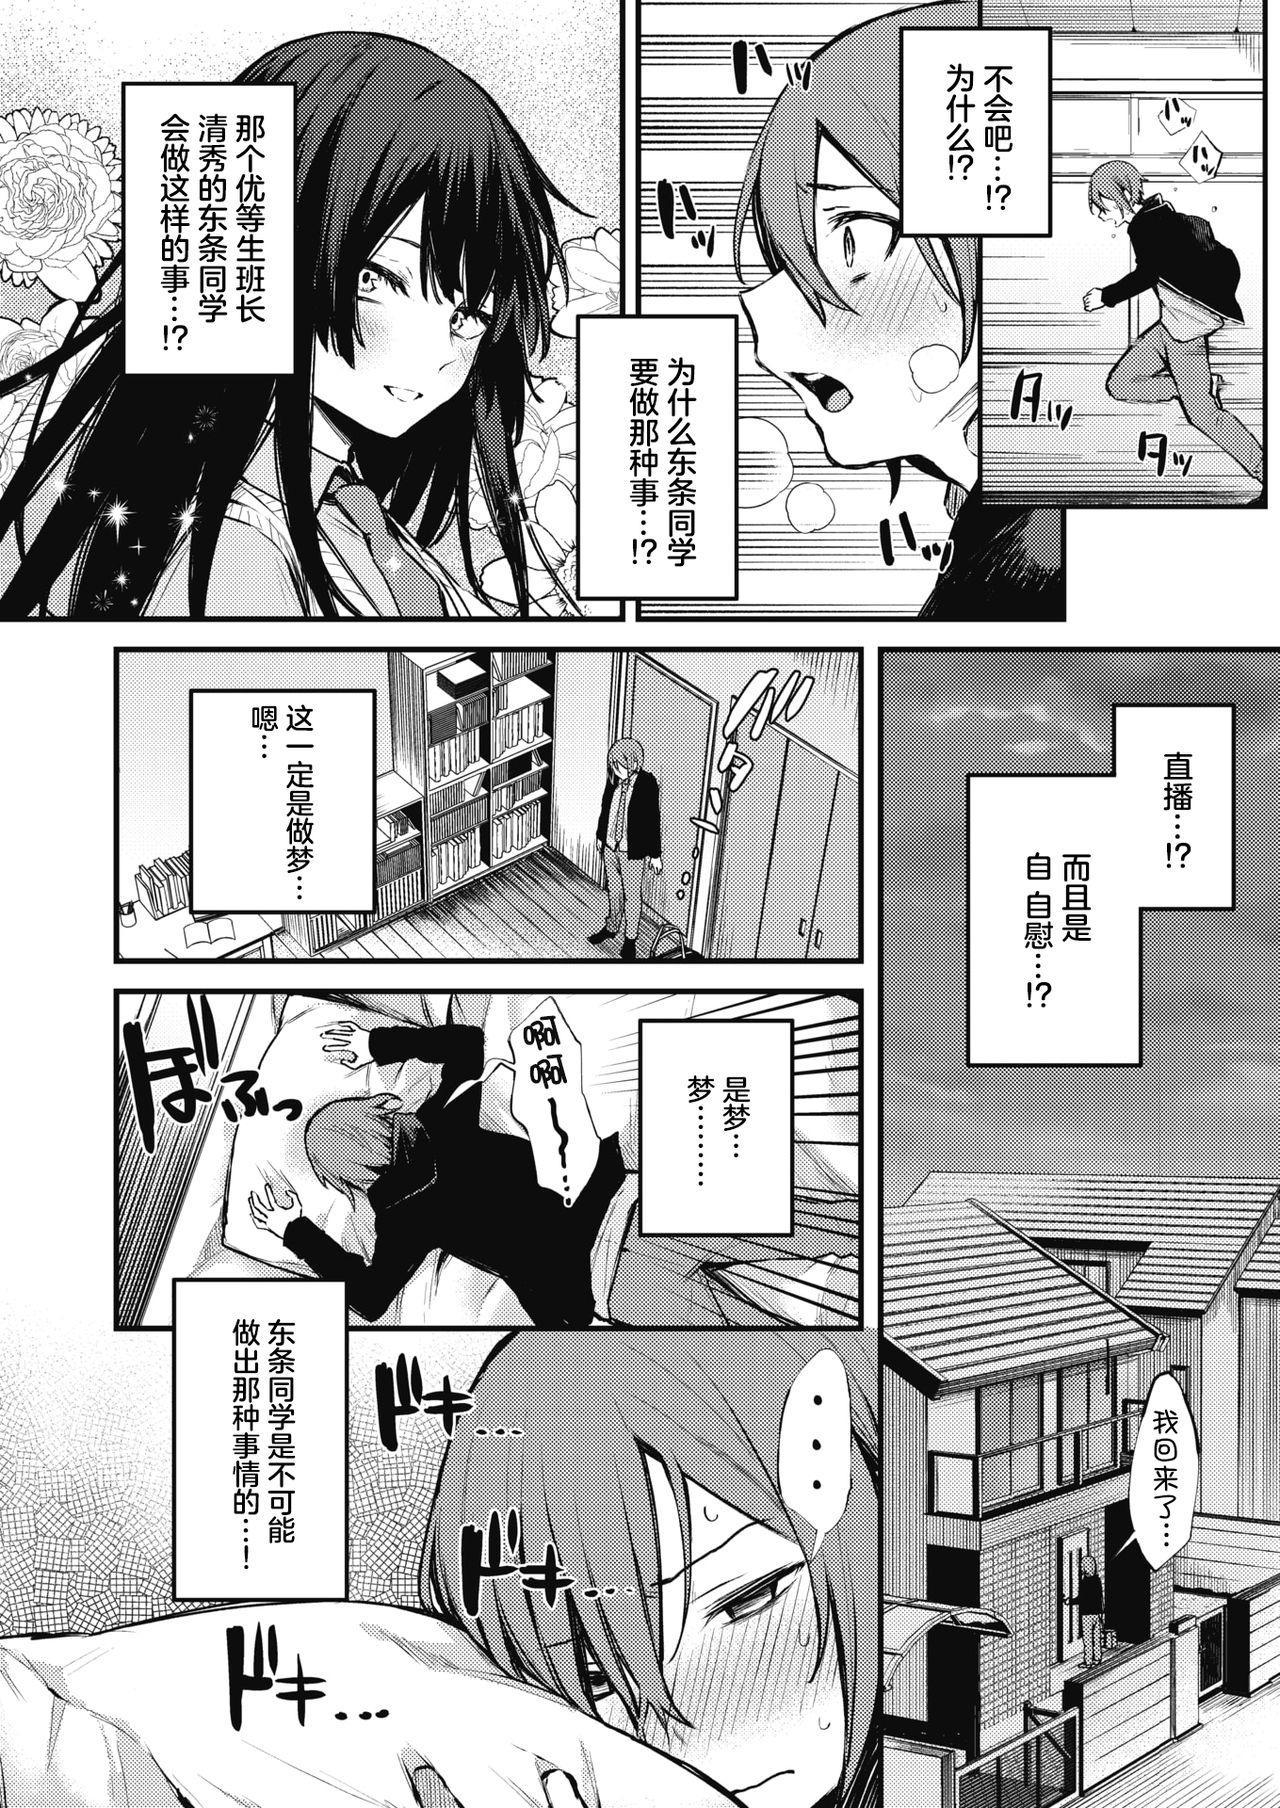 Himitsu no Haishin 6